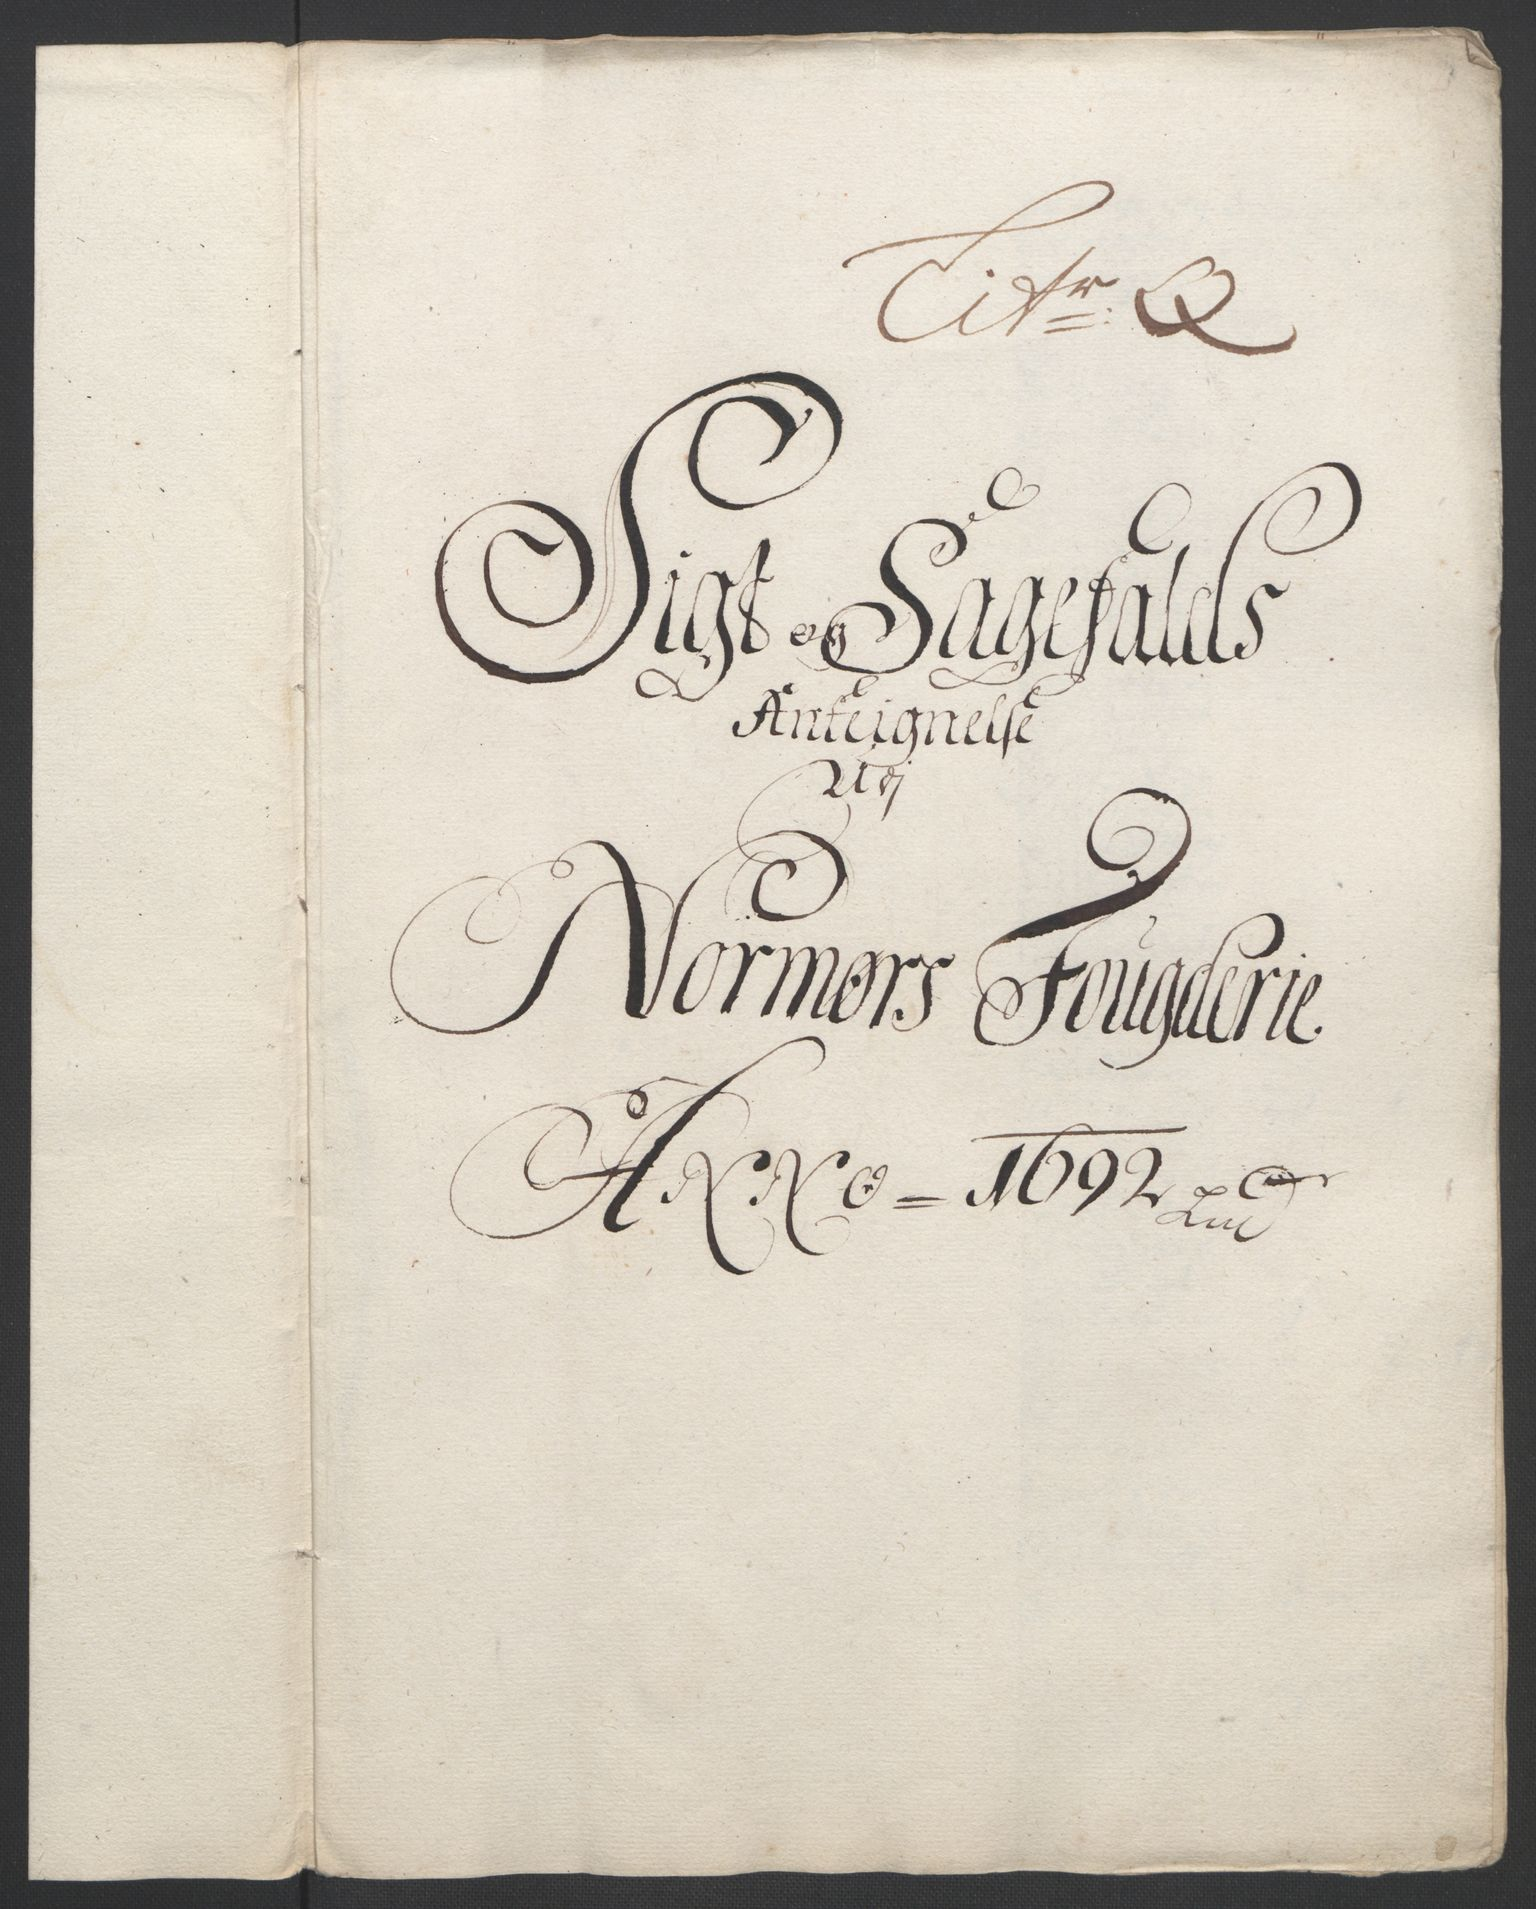 RA, Rentekammeret inntil 1814, Reviderte regnskaper, Fogderegnskap, R56/L3735: Fogderegnskap Nordmøre, 1692-1693, s. 171